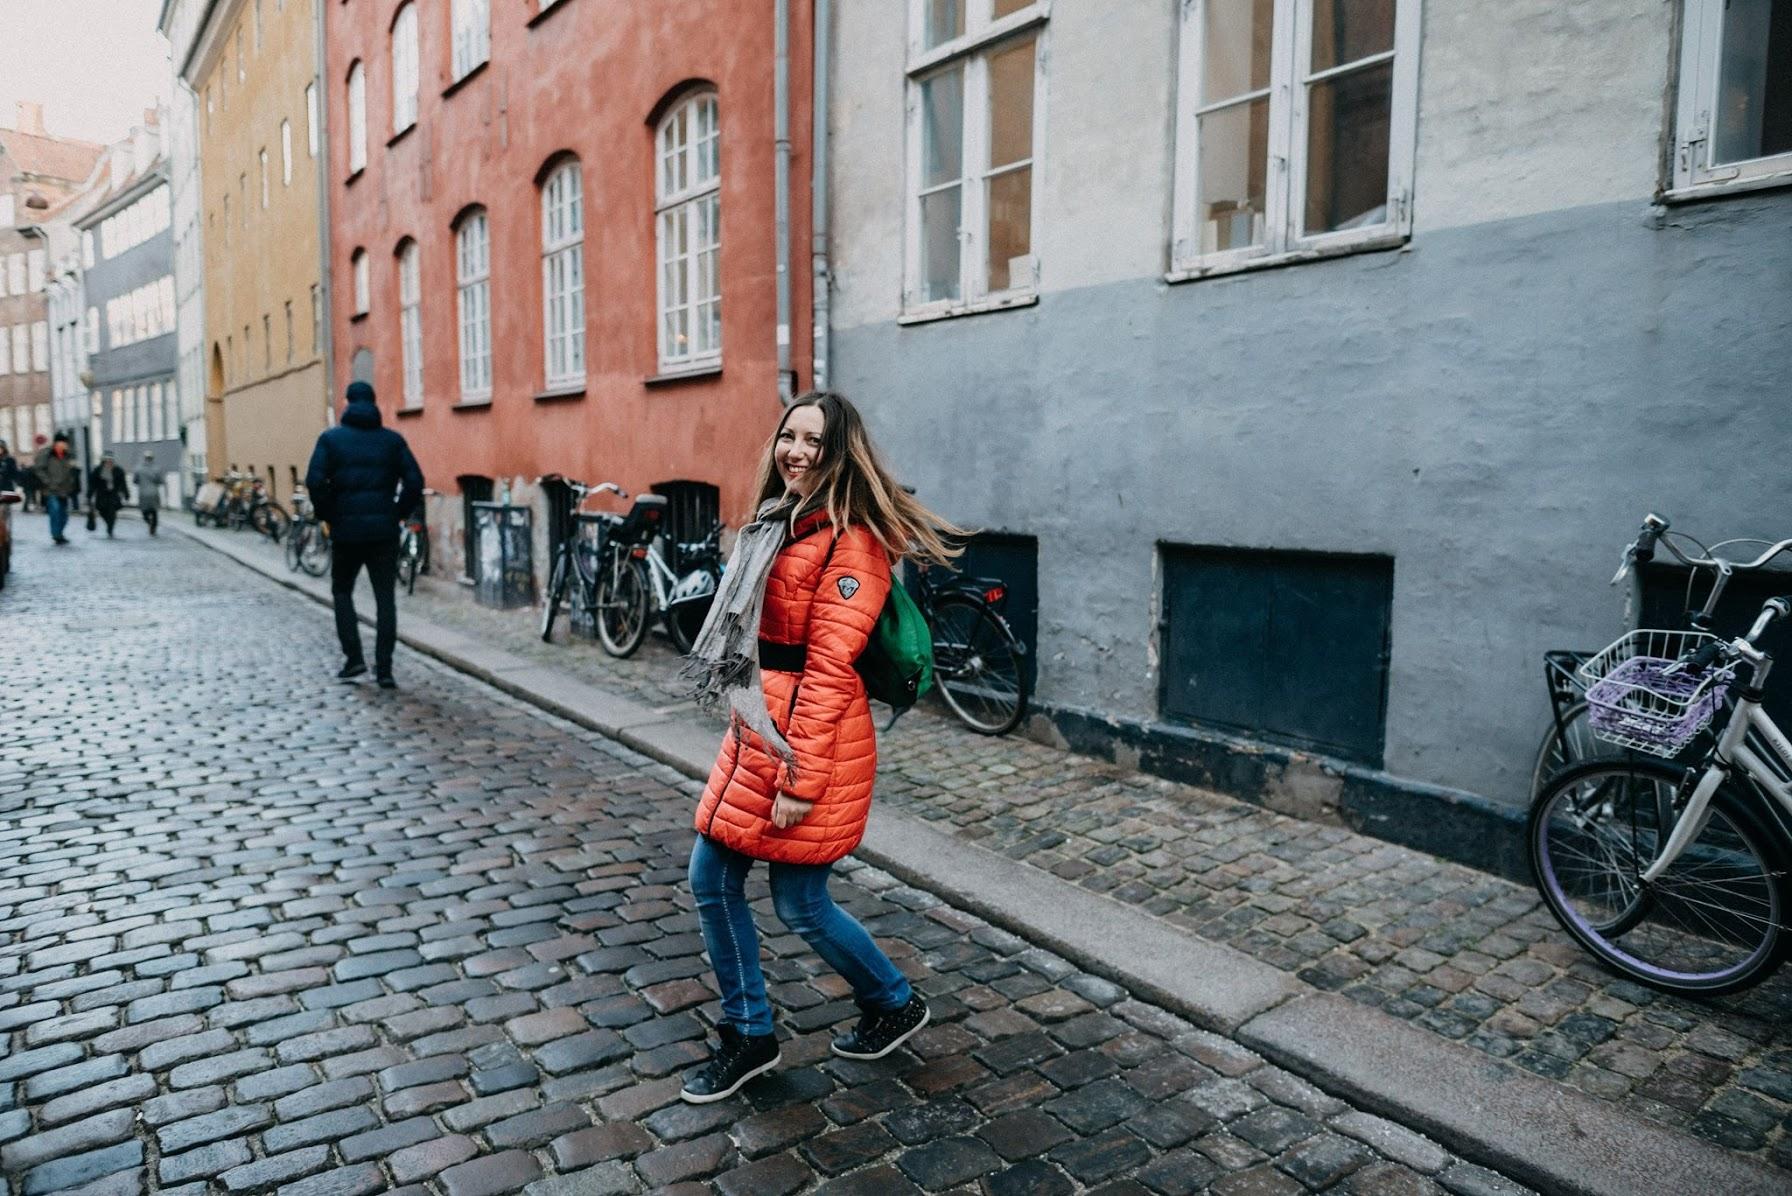 В поисках датского счастья: философия хюгге В поисках датского счастья: философия хюгге foto 3 1